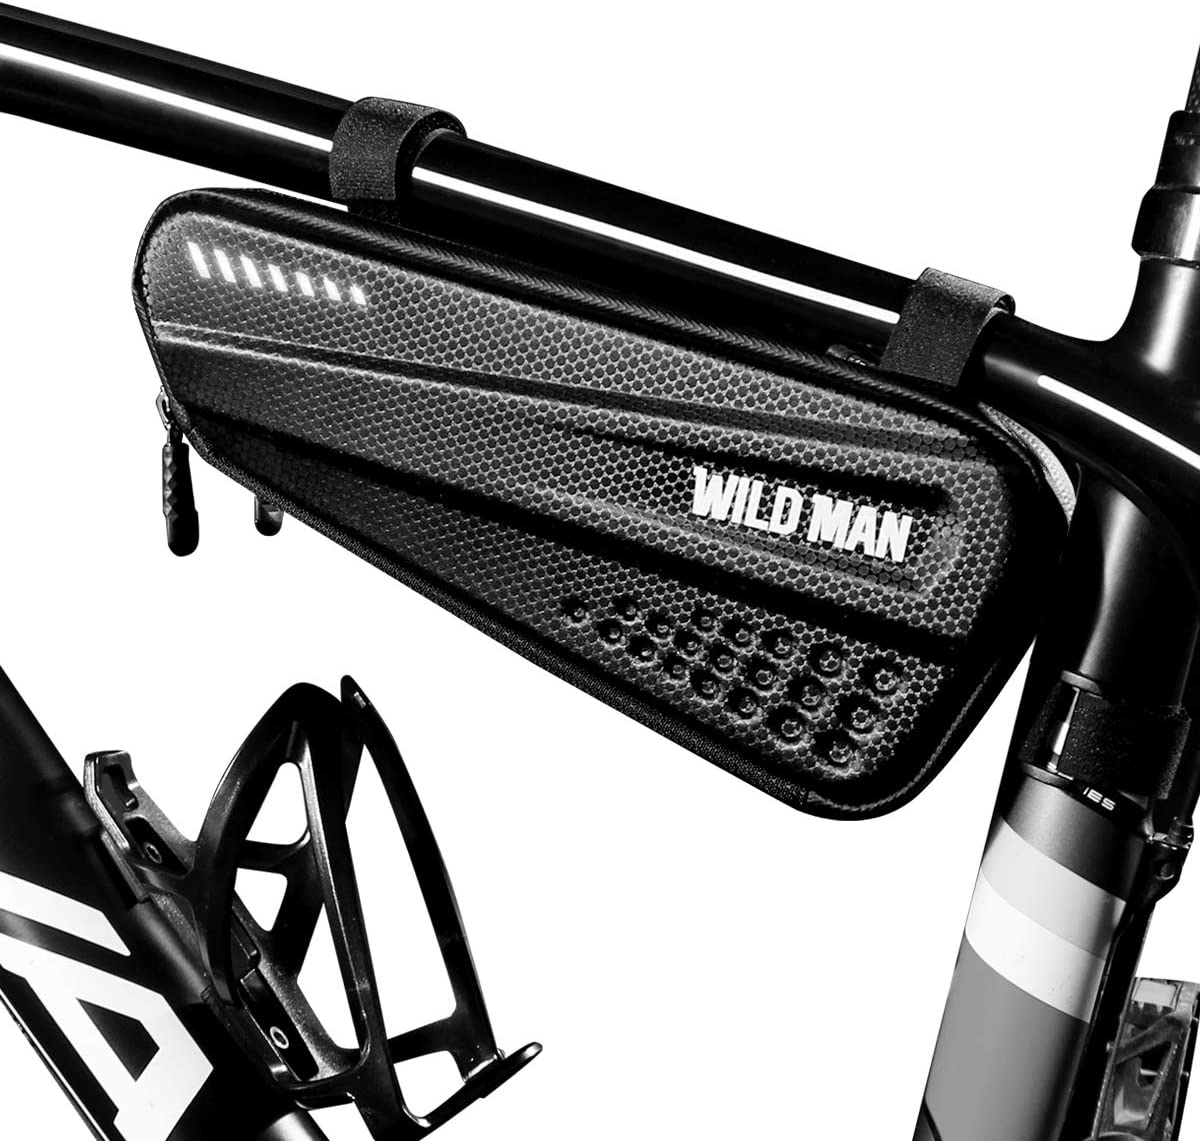 BTNEEU Bolsa Bicicleta Cuadro Impermeable Bolsa Triangular Bicicleta Capacidad 1,2L, Bolsa de Cuadro de Tubo Superior de Bicicleta Bolsa Bici Cuadro para Bicicleta de Carretera Montaña